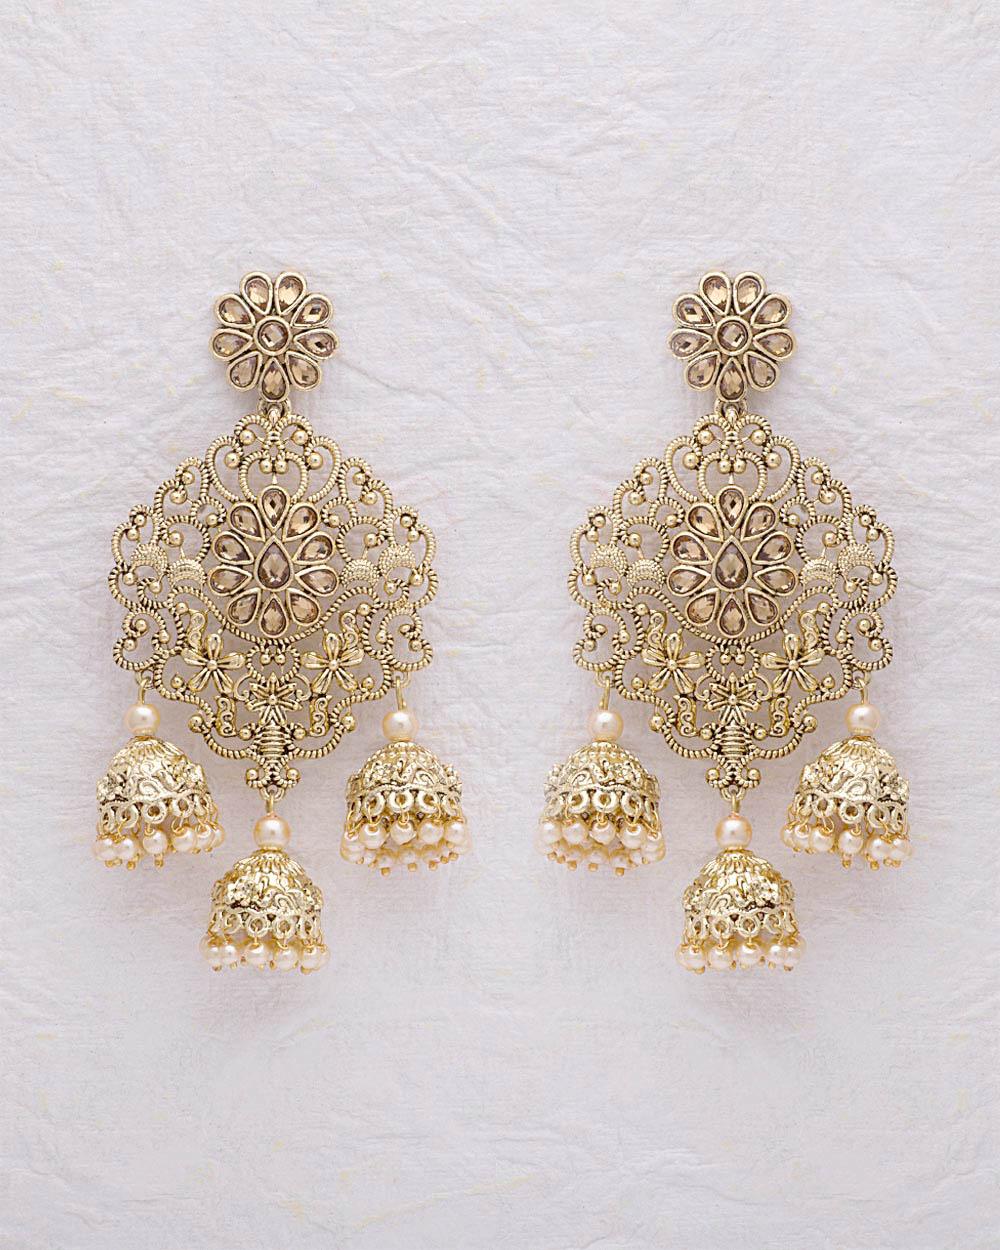 Buy Filigree Design Gold Plated Jhumka Dangler Earrings Online ...